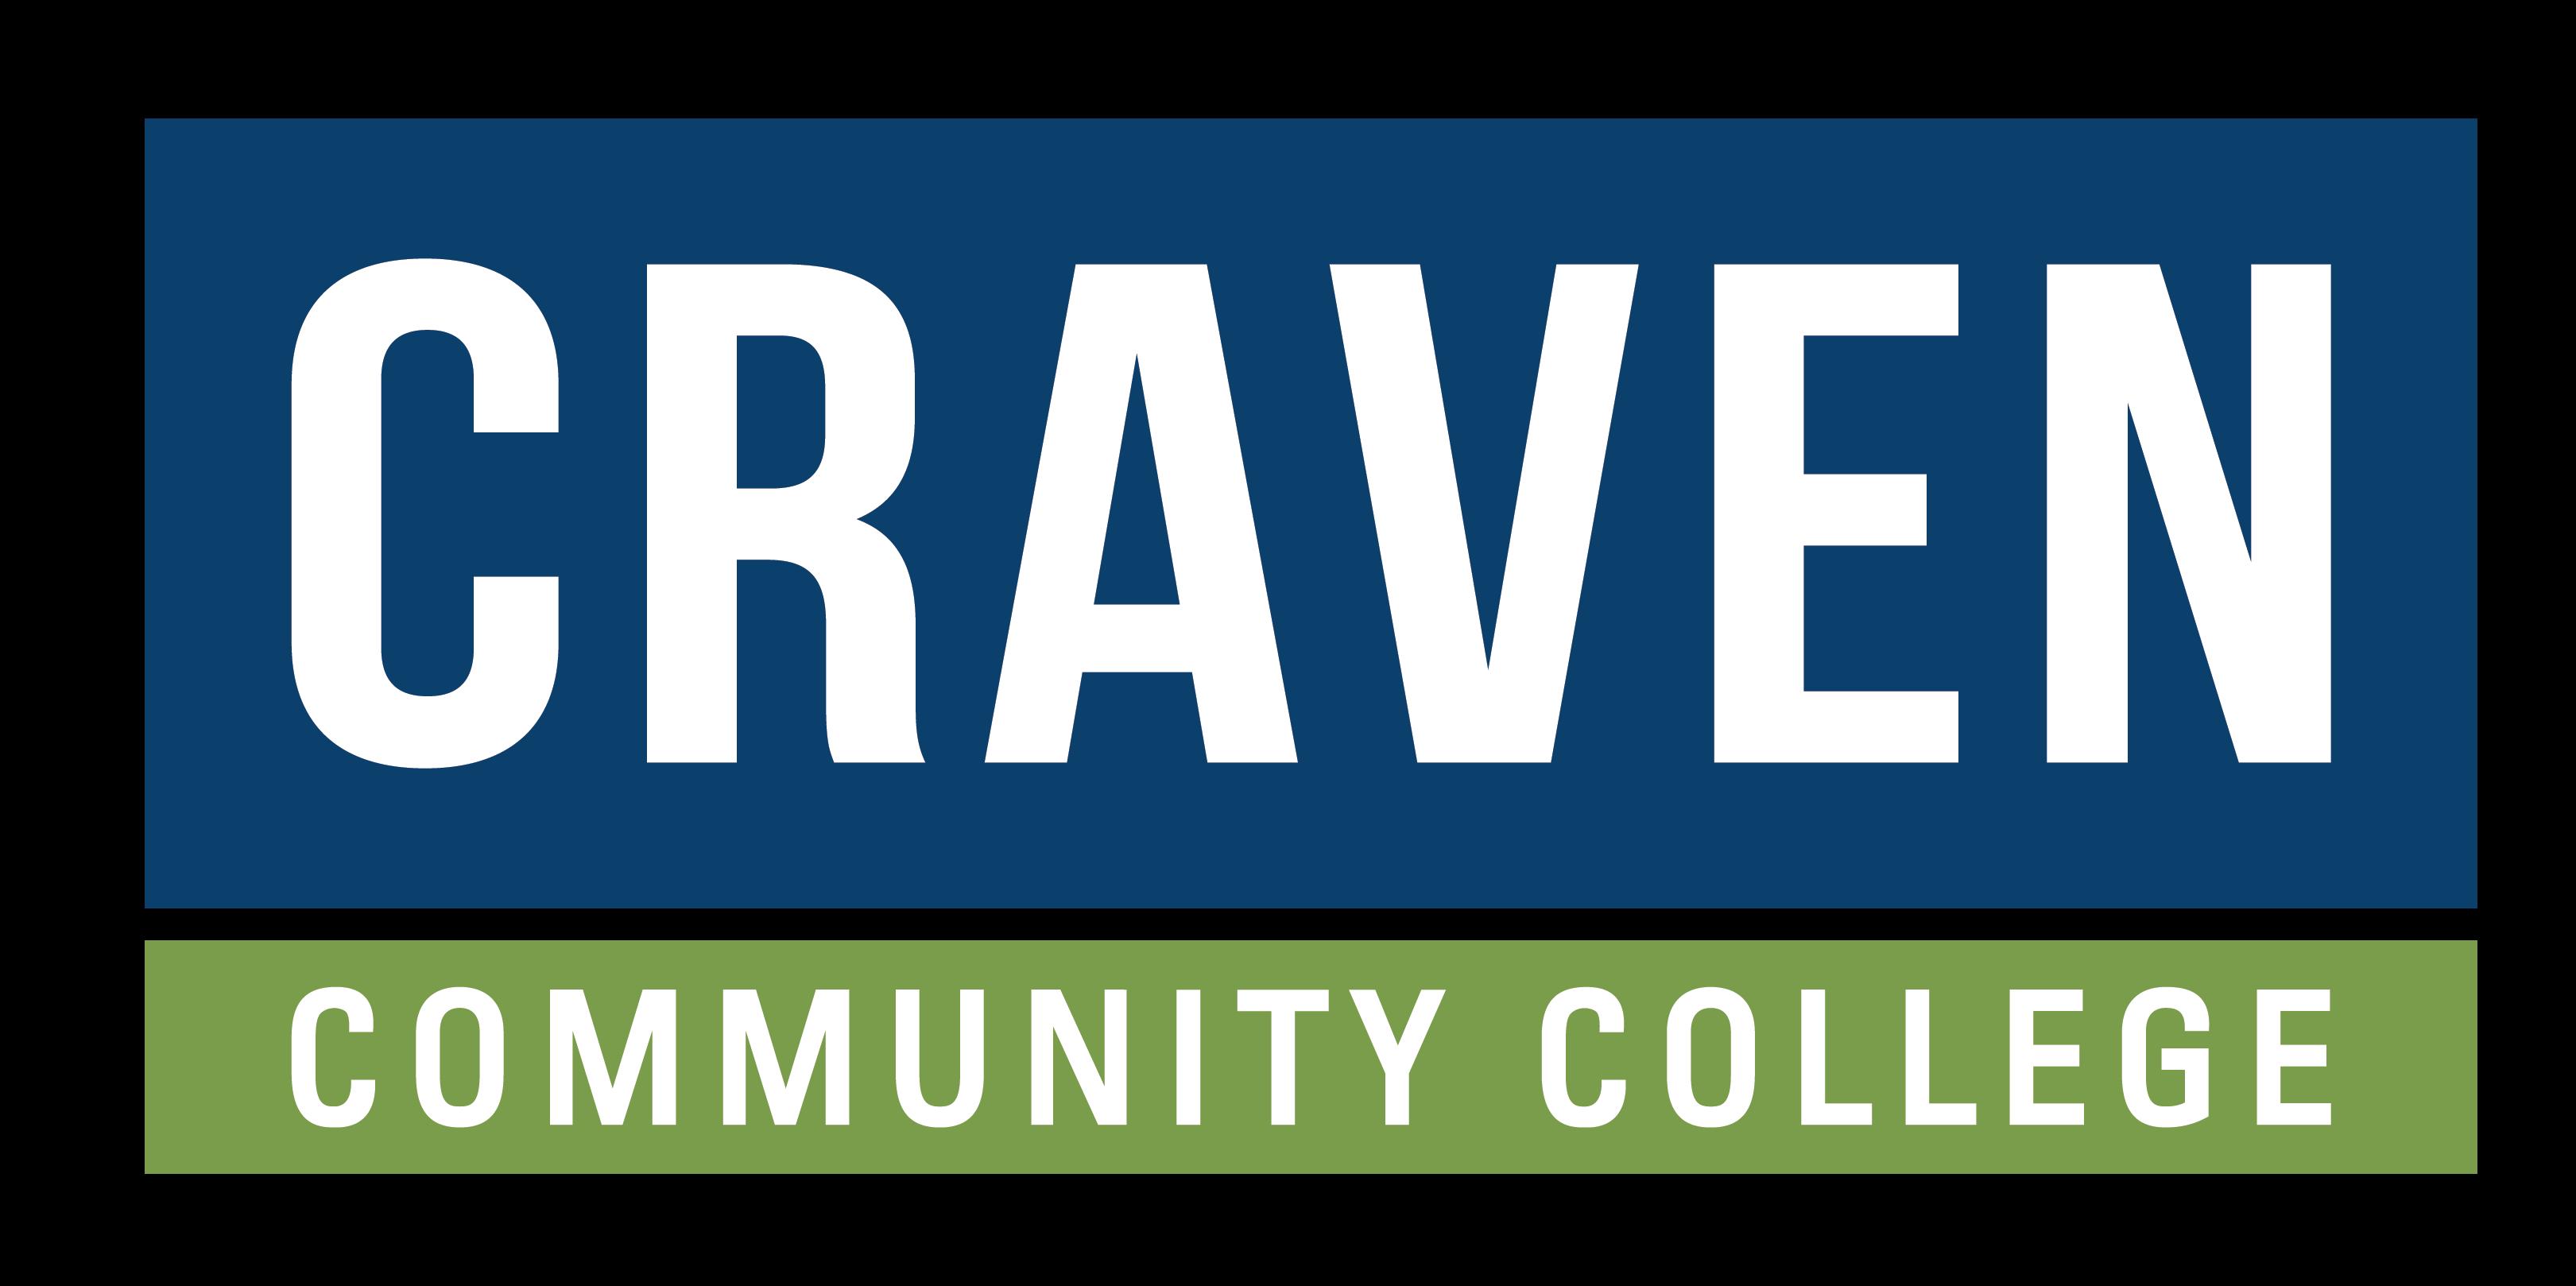 Craven Cmty Coll logo.jpg 1-3